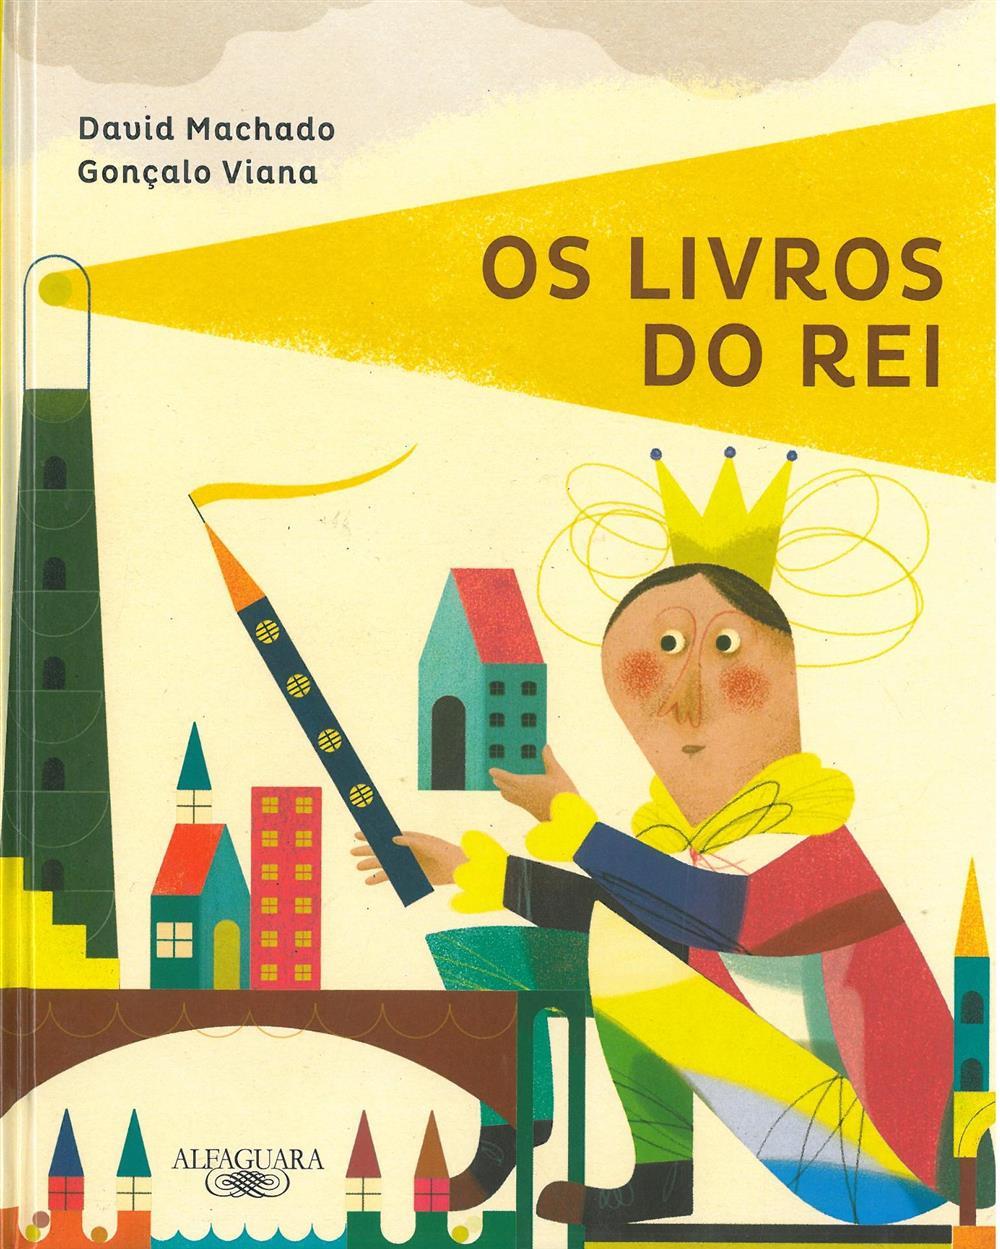 Os livros do rei_.jpg